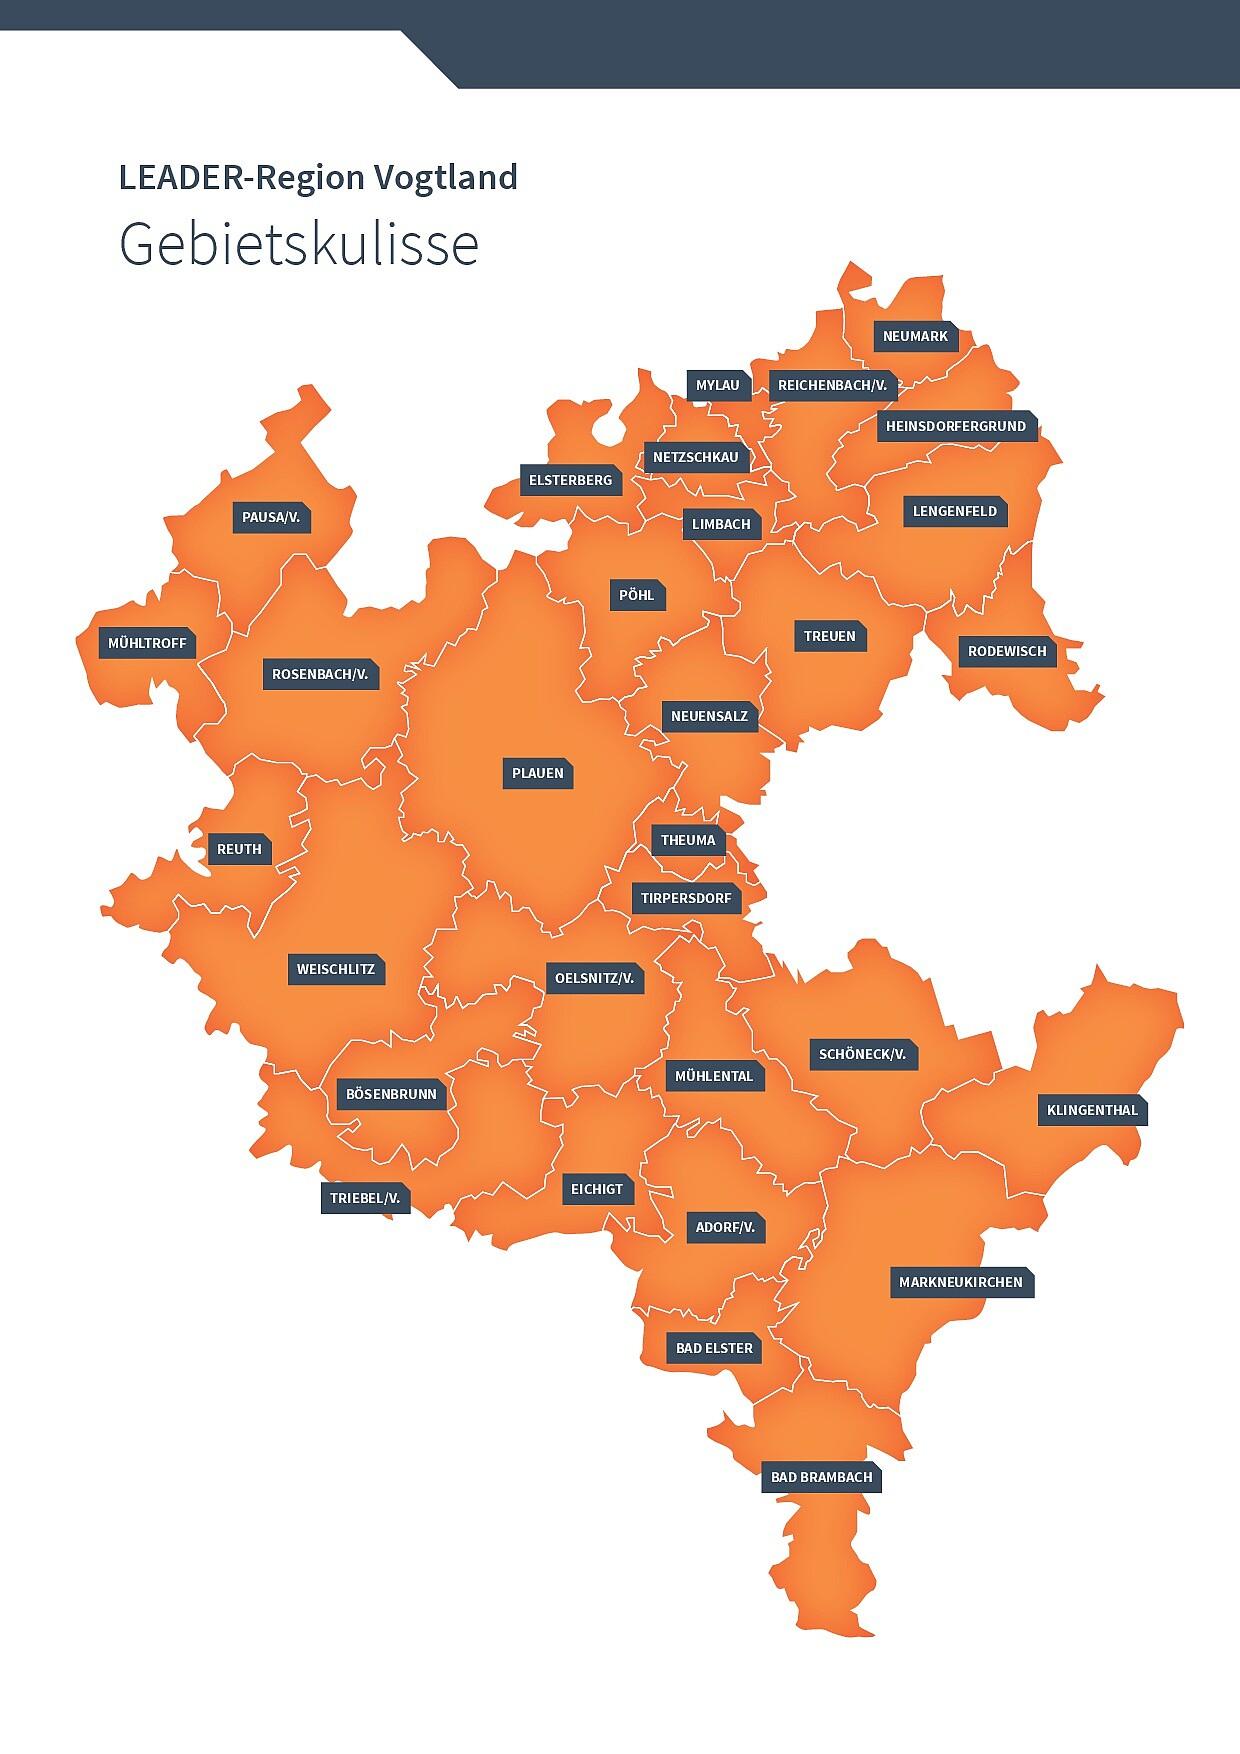 Die Abbildung zeigt eine Karte der Gebietskulisse der LEADER Region Vogtland mit allen zugehörigen Städten und Gemeinden des Vogtlandkreises.